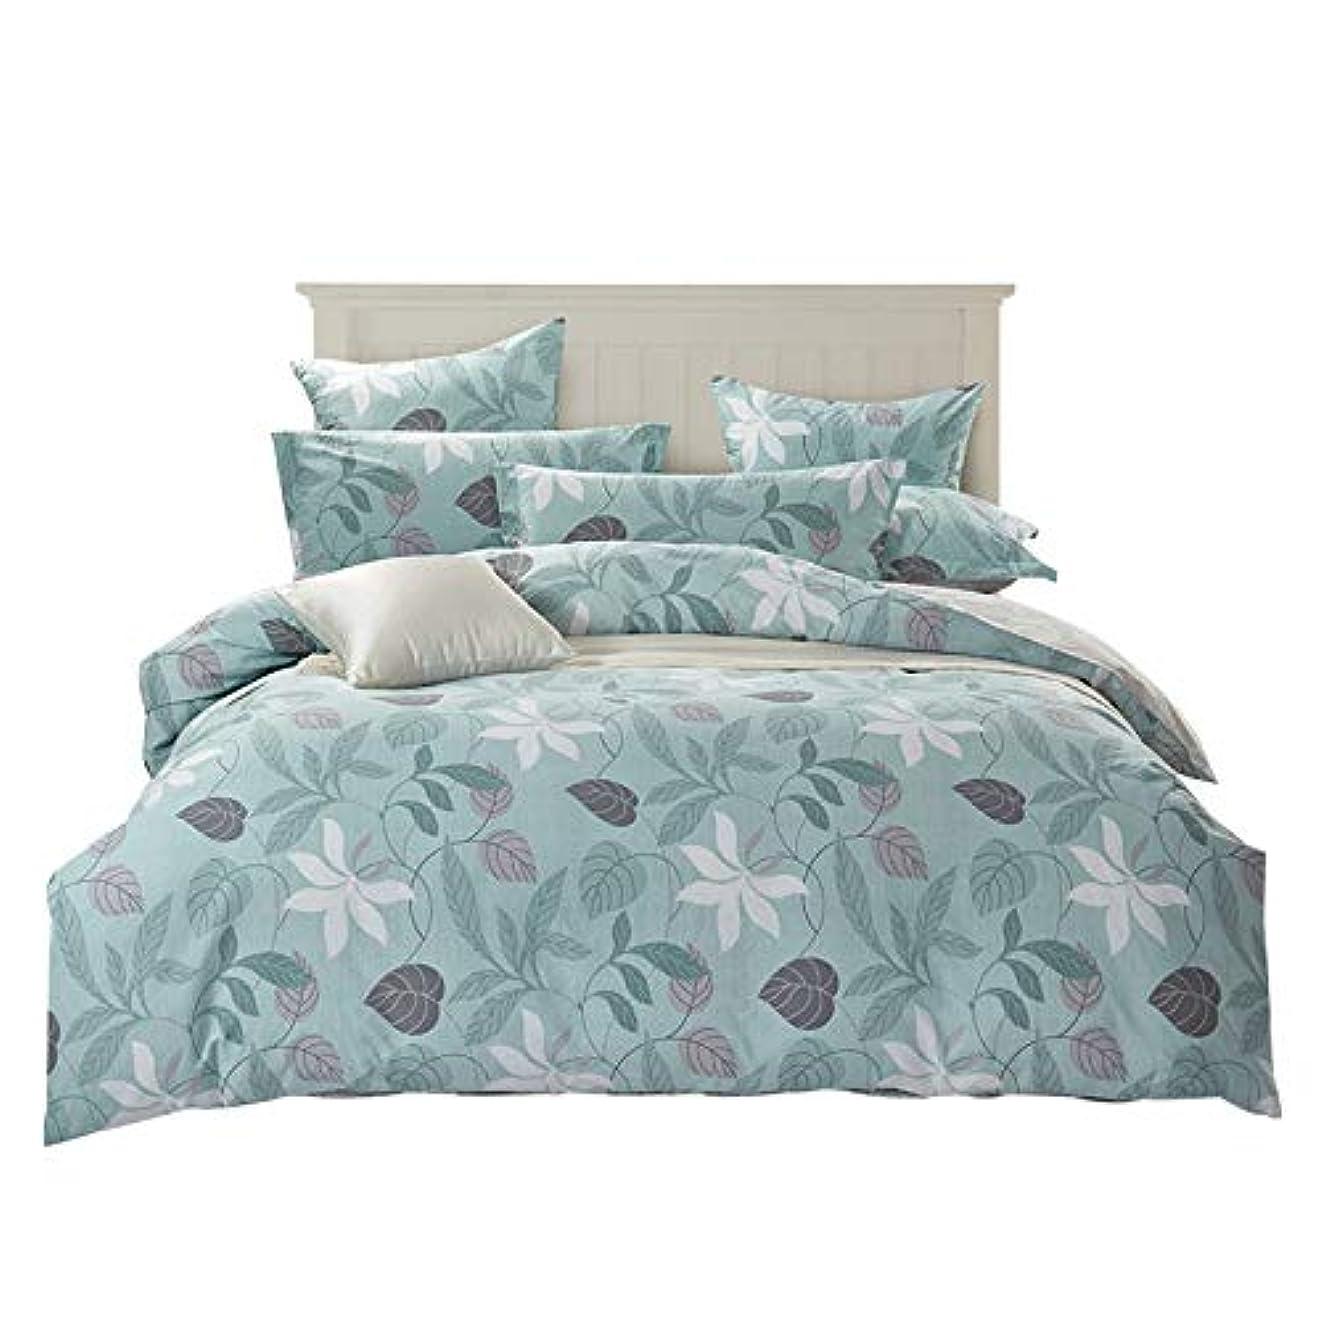 クレジット盲信散文田園のベッドの上の用品のメーカーが純綿の小さい清新な製品を直売して4点セットの全綿の横柄をセットするのが好きです